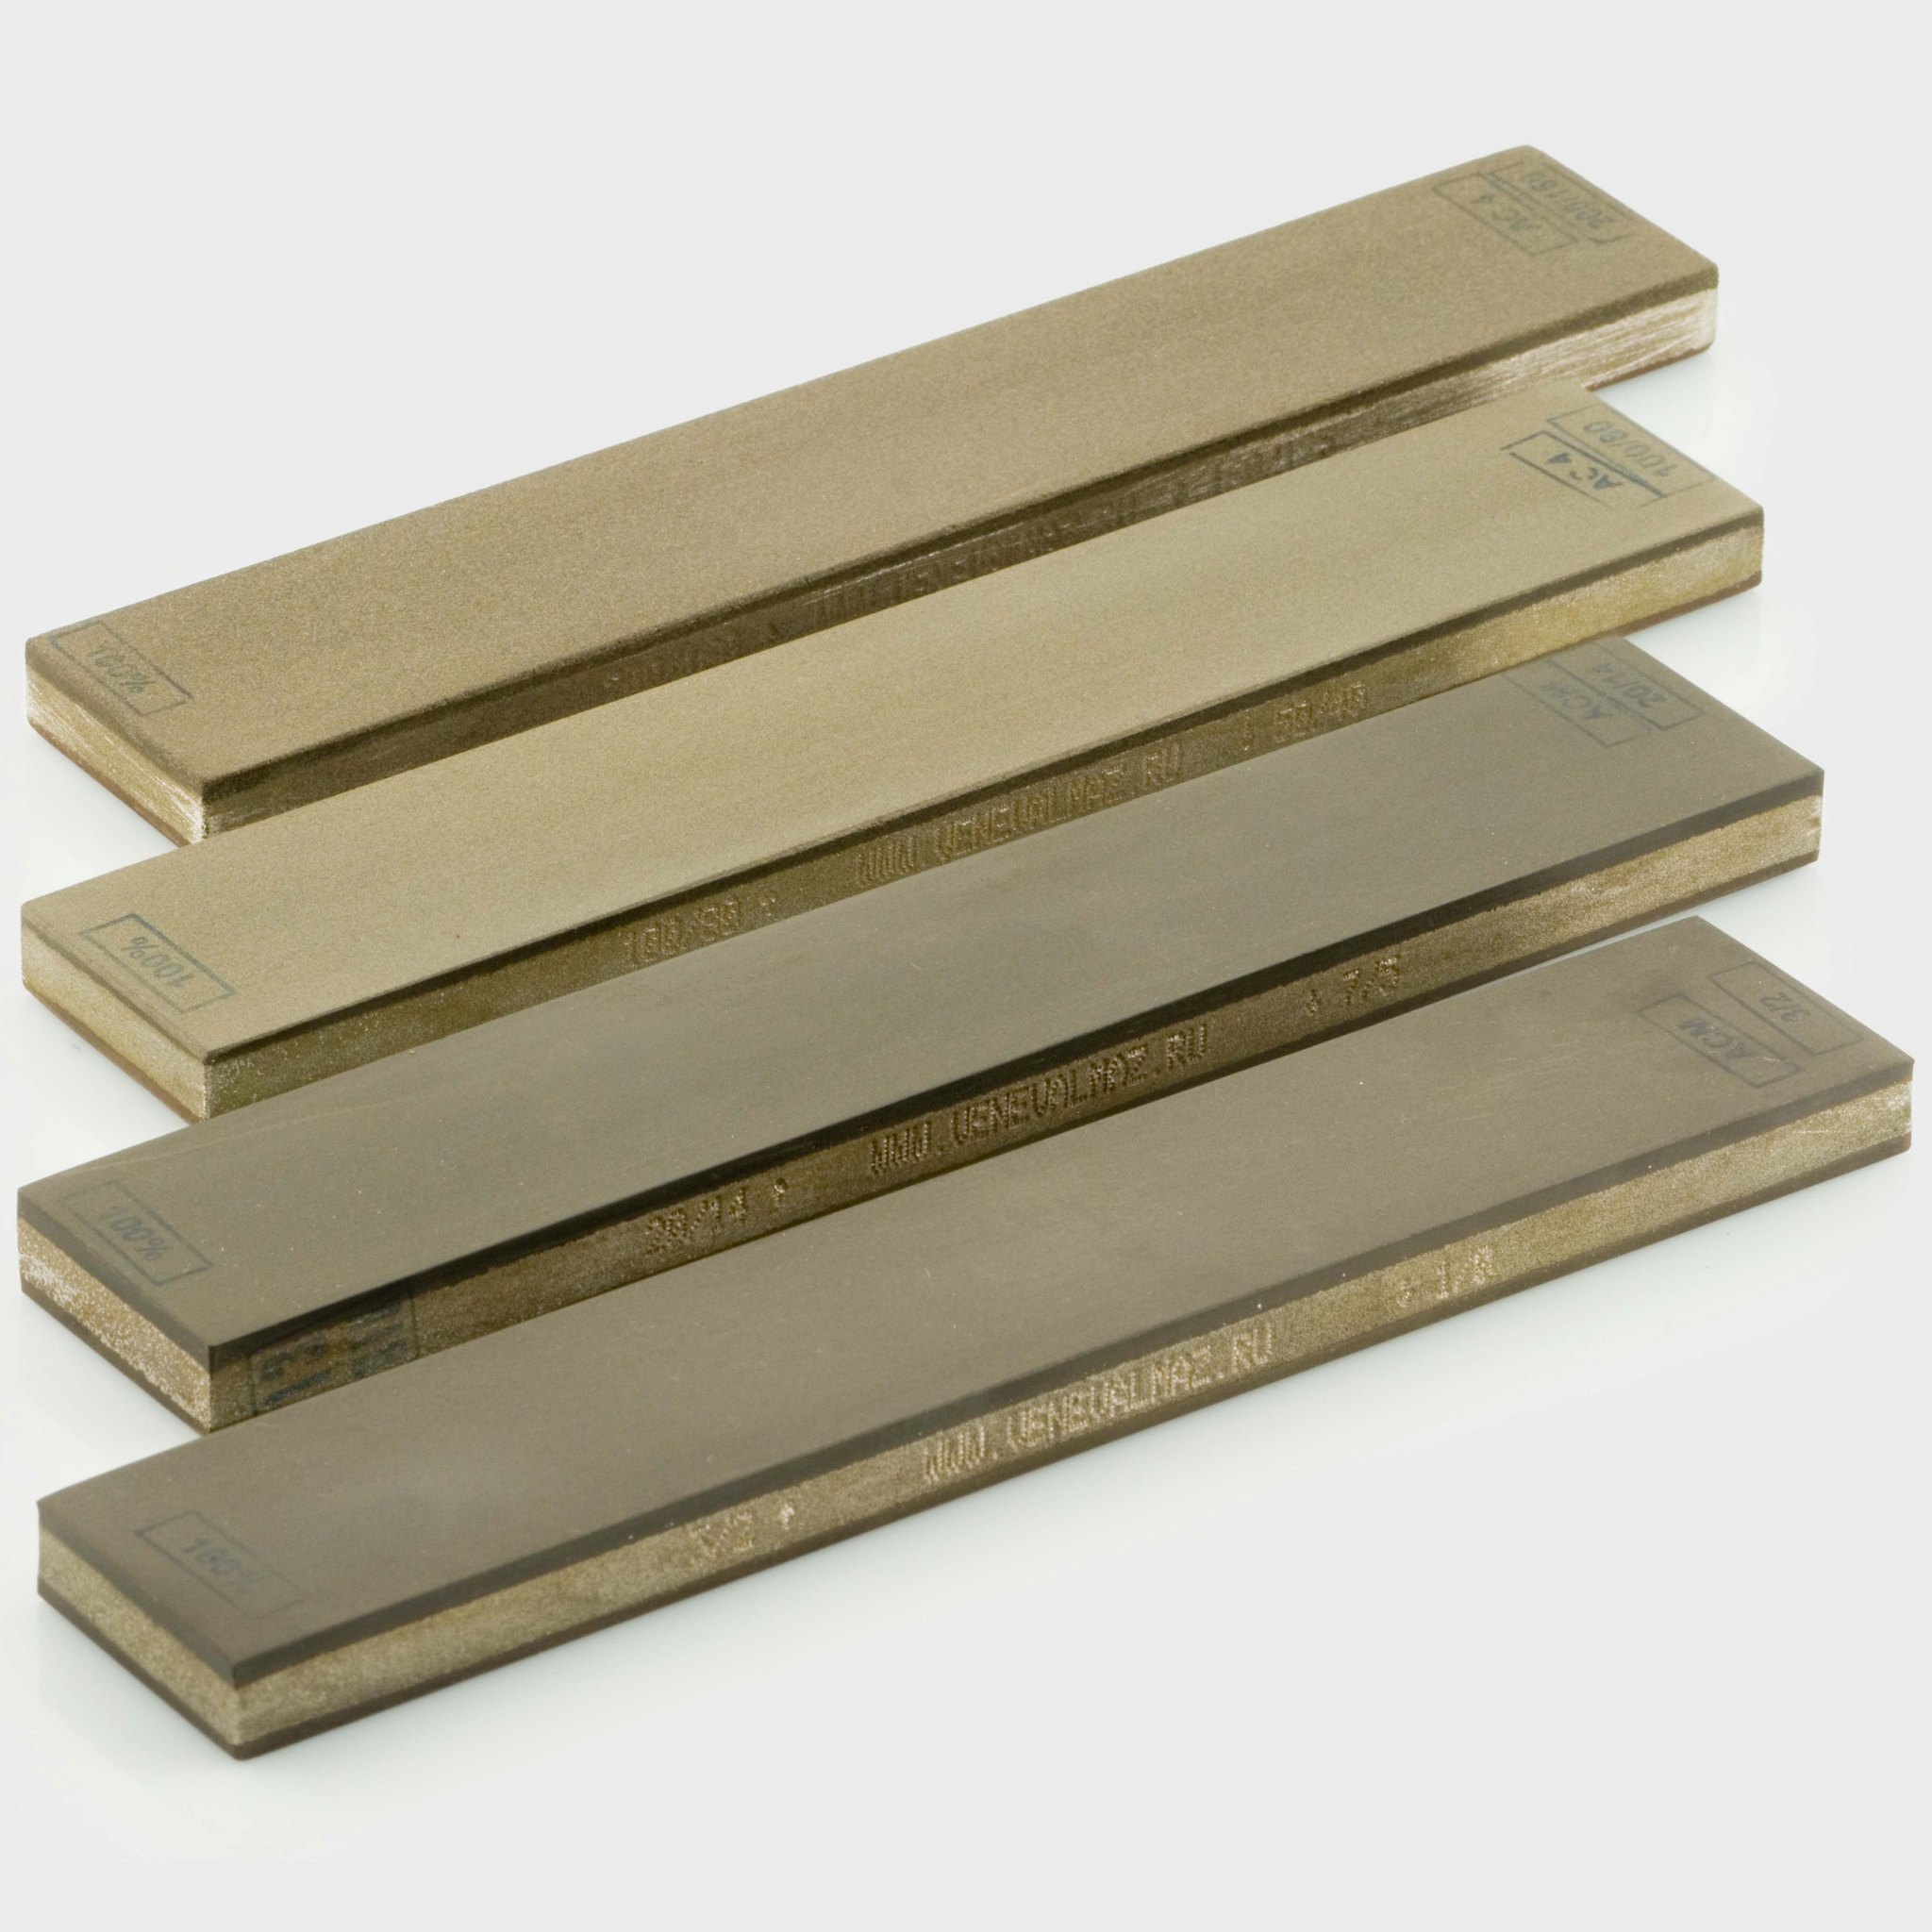 Наборы алмазного инструмента Набор из 4 брусков 200х35х10 OSB 100% набор_4.jpg